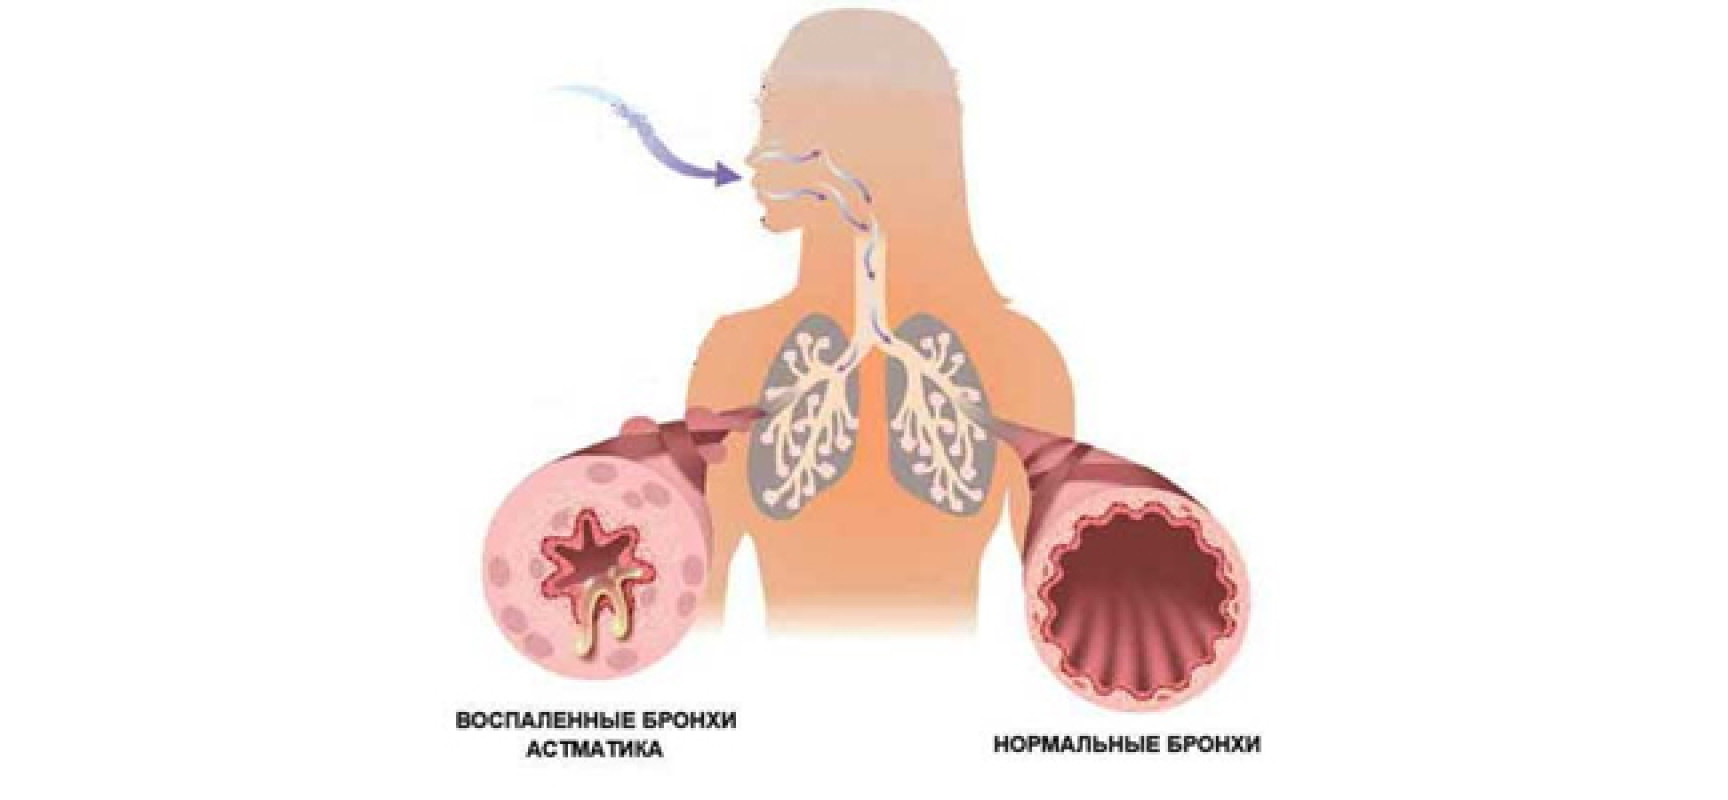 профболезни бронхиальная астма